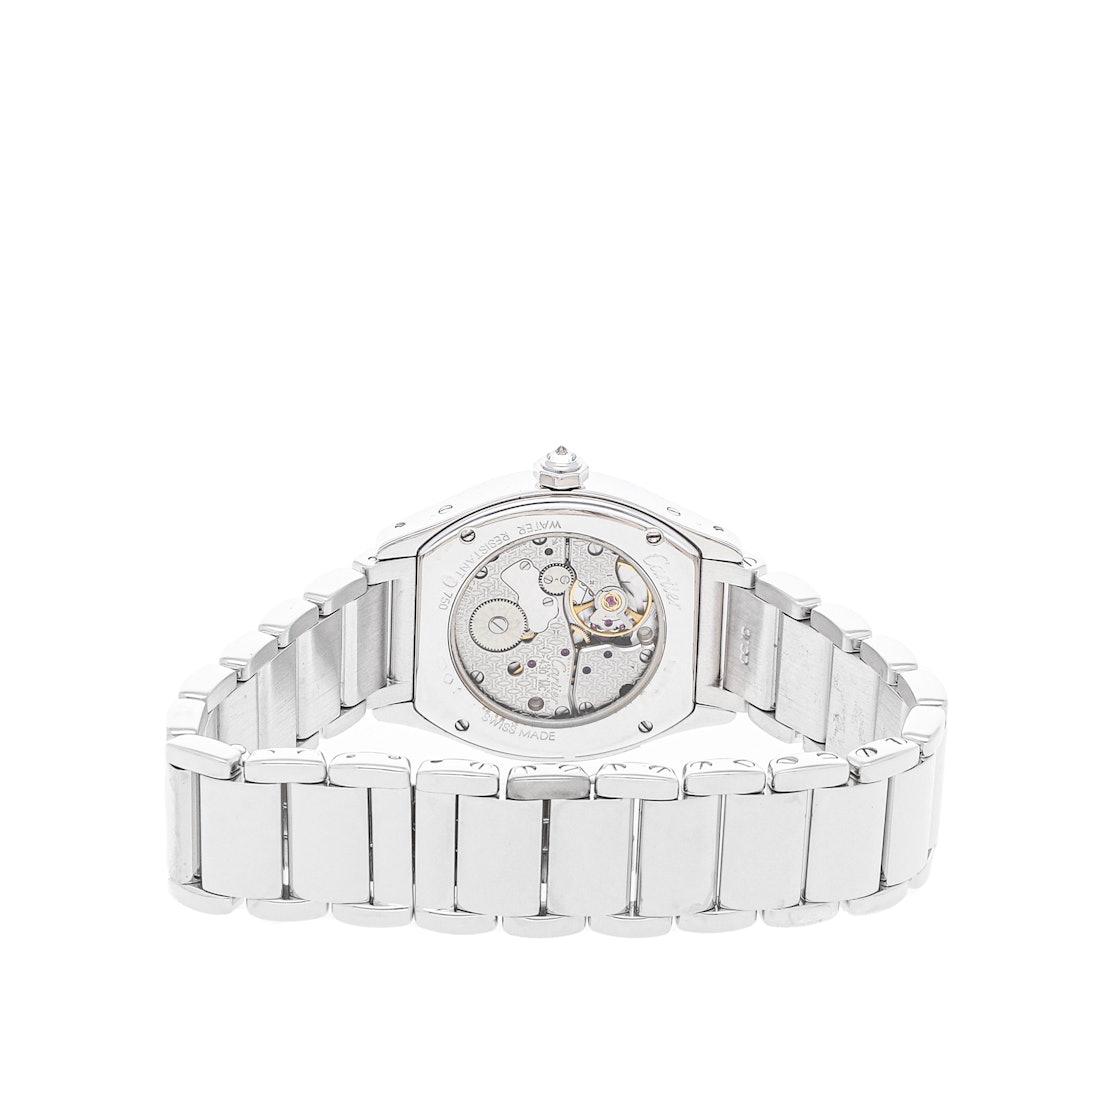 Cartier Tortue WA5049W9